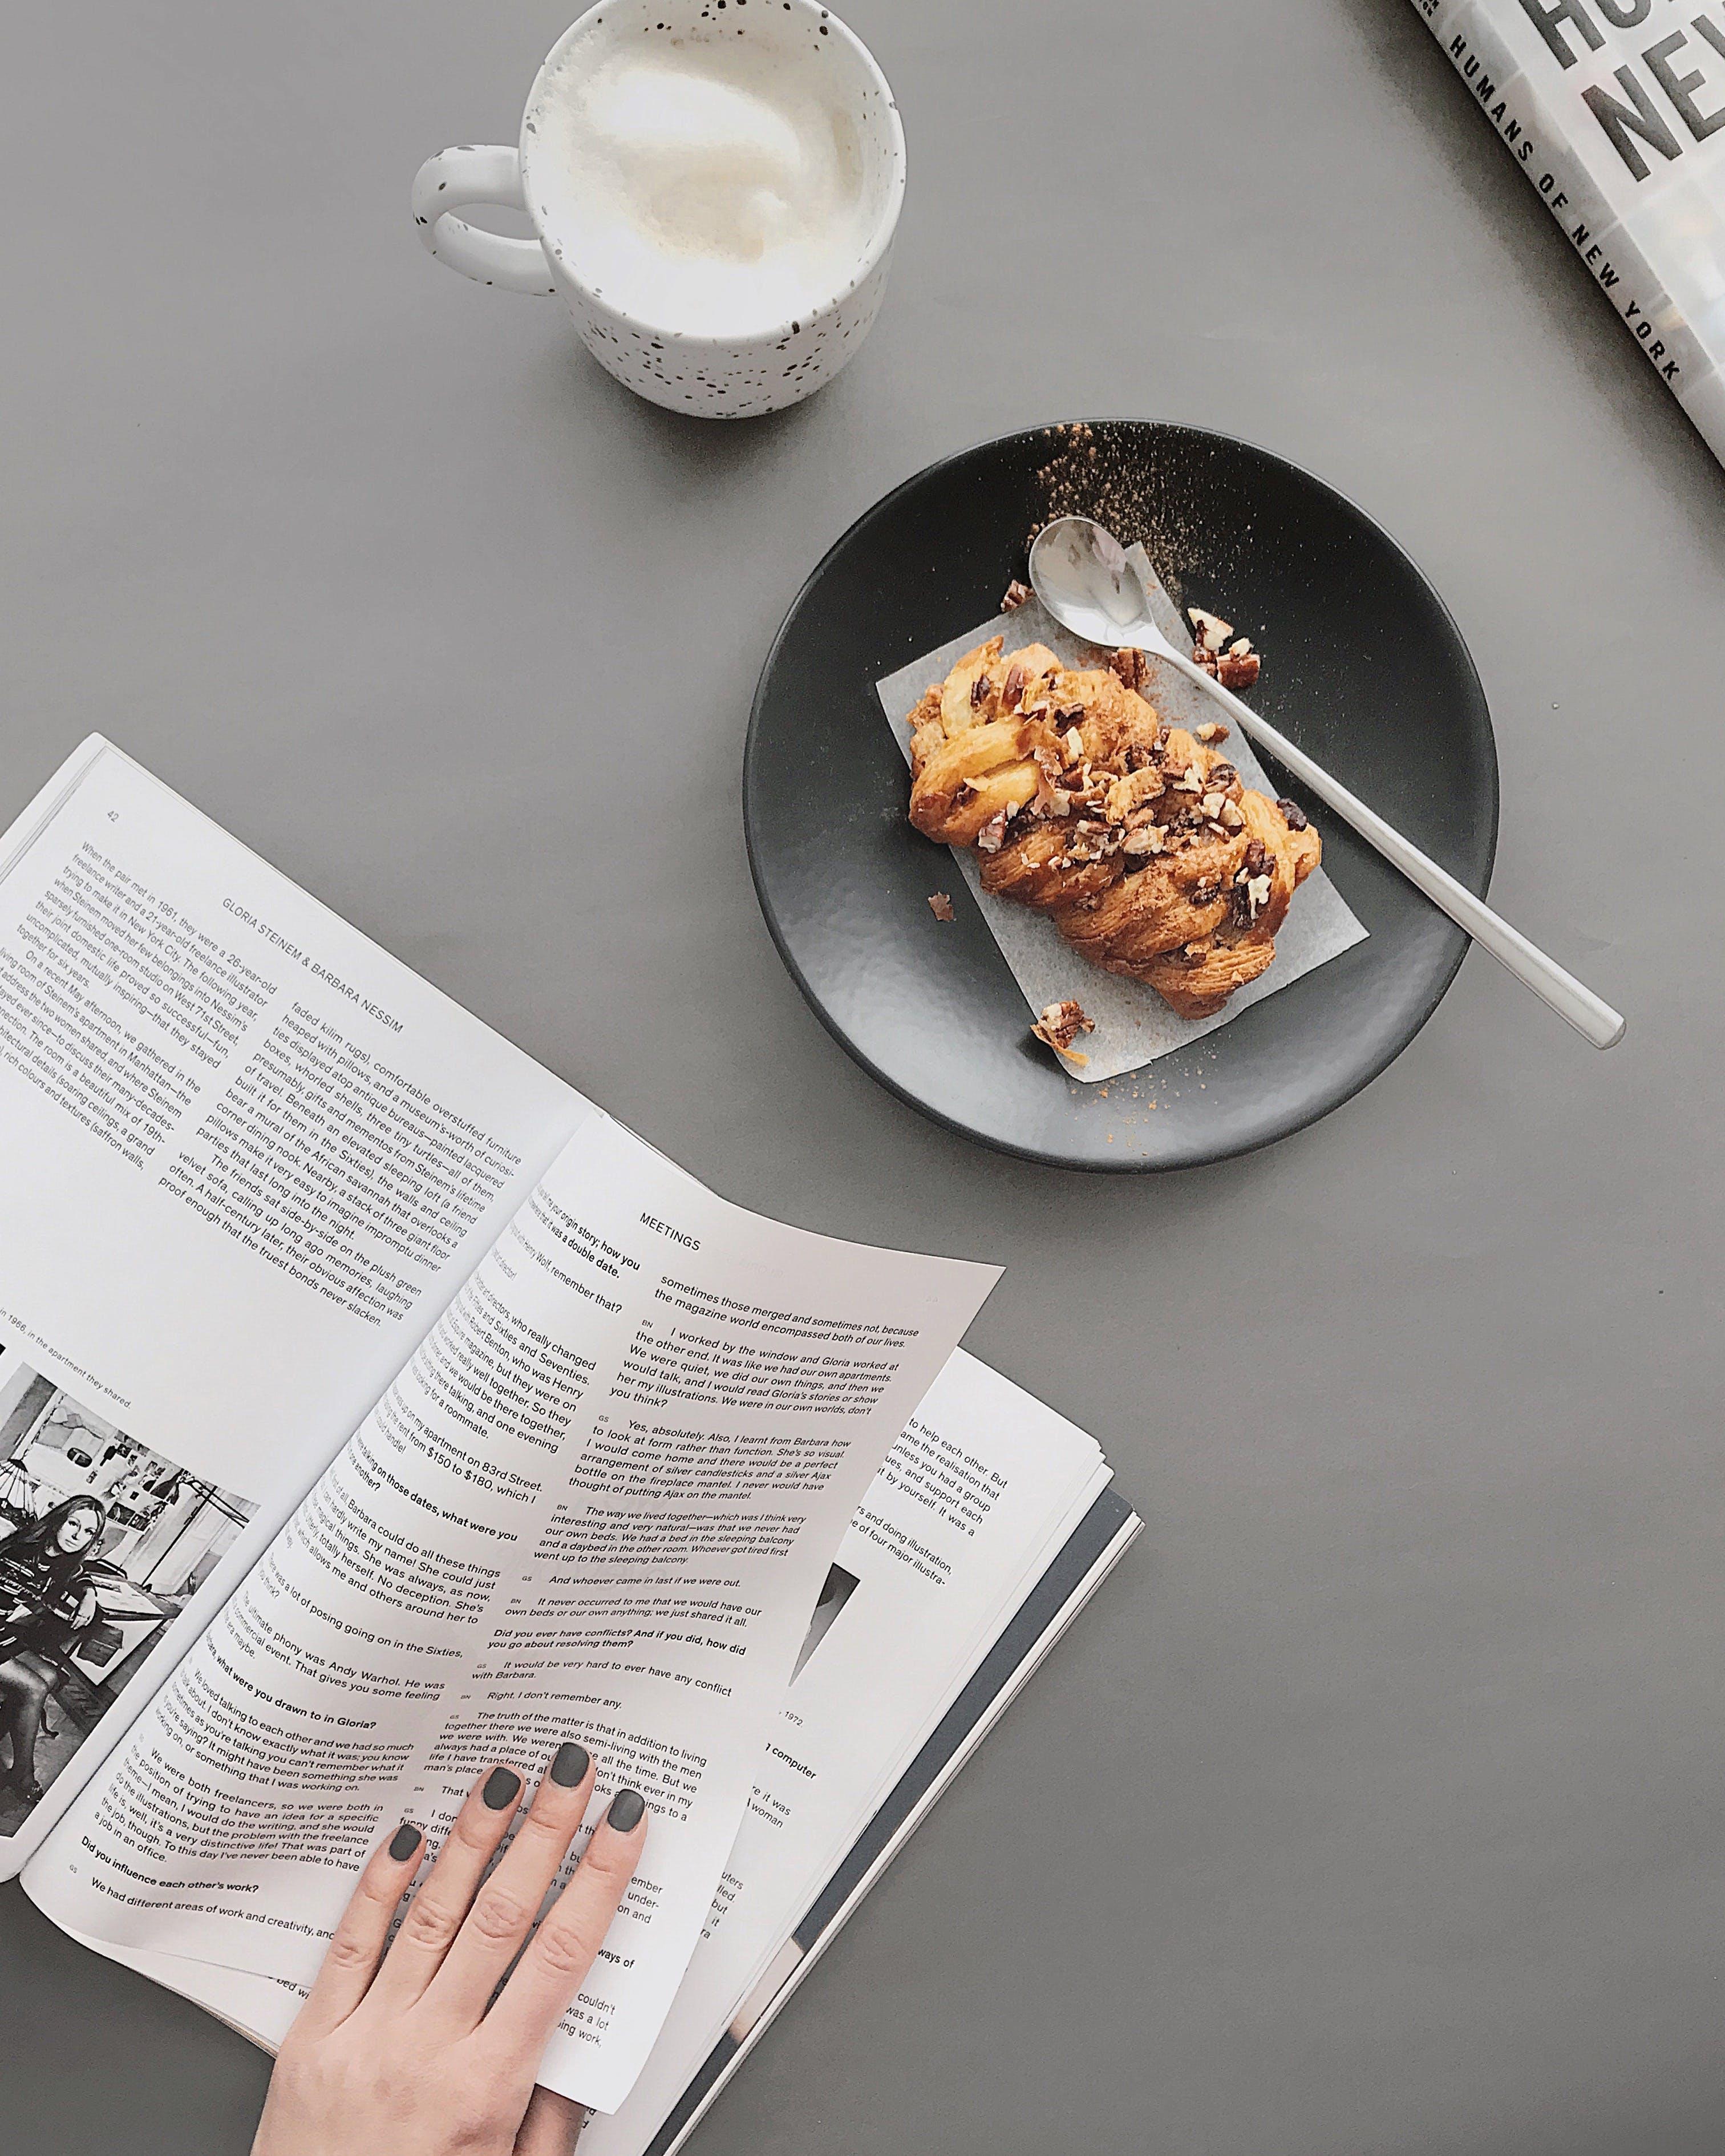 Fotos de stock gratuitas de adentro, amanecer, beber, café